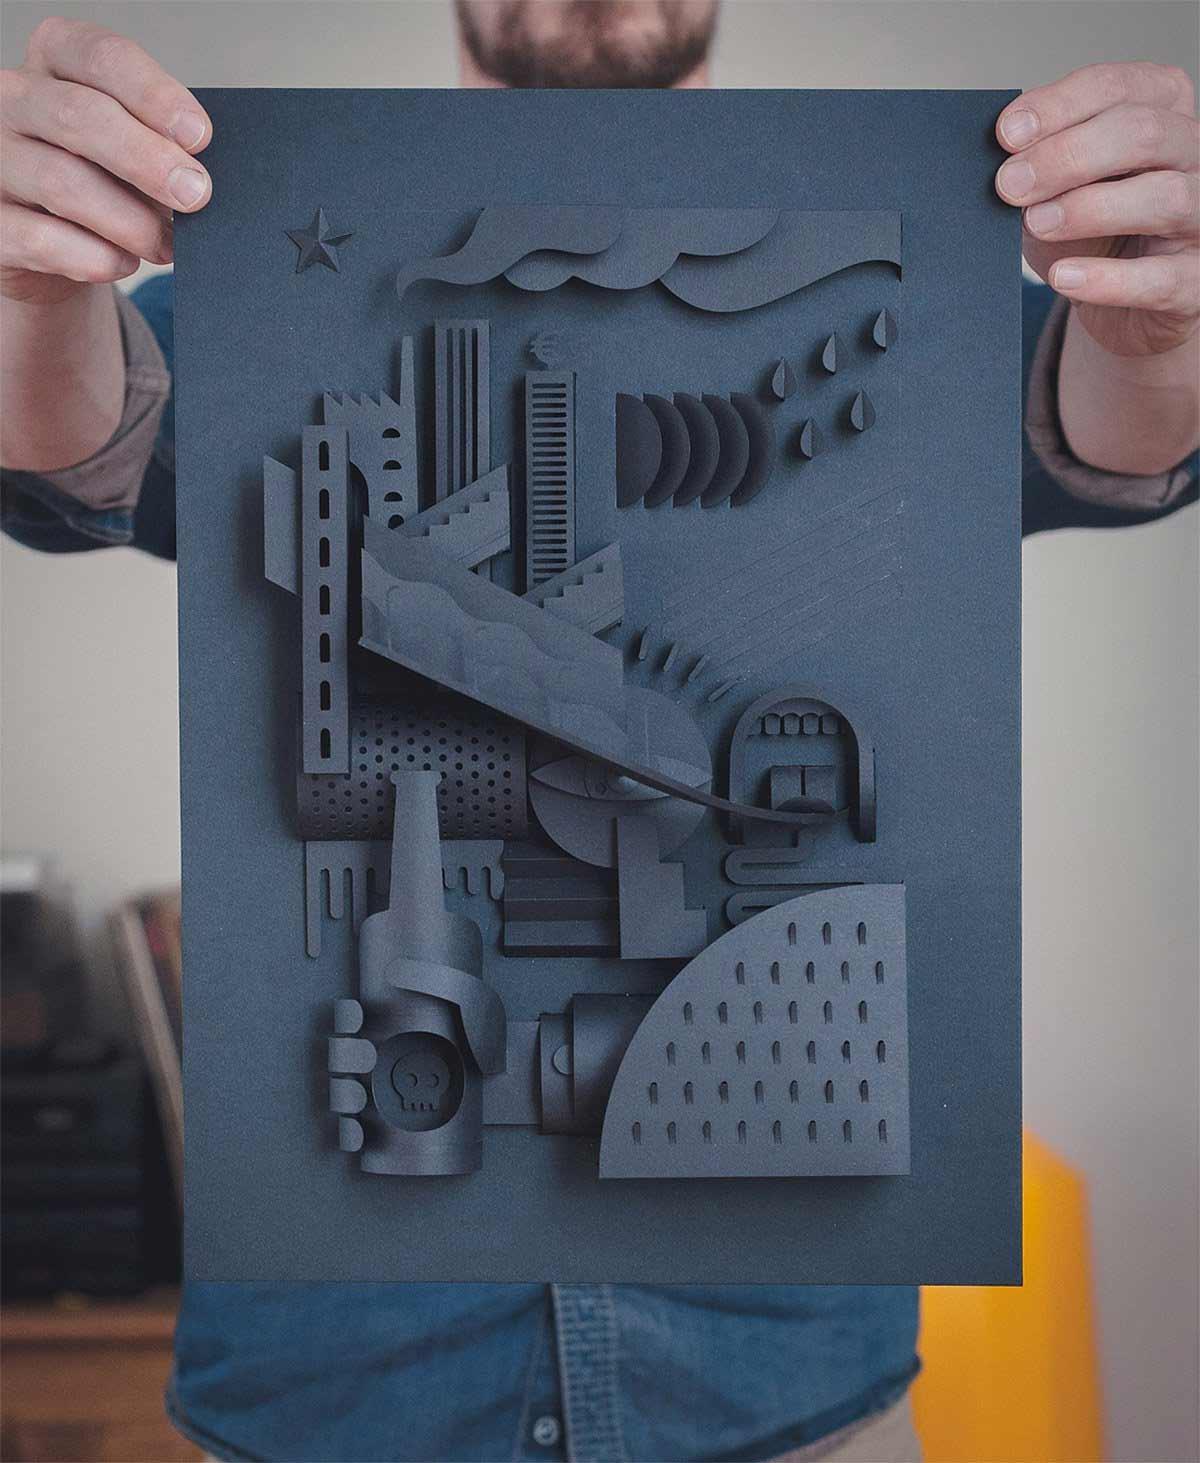 Papierkunst von Thibaut van Boxtel Papierkunst-Vebe-Thibaut-van-Boxtel_03